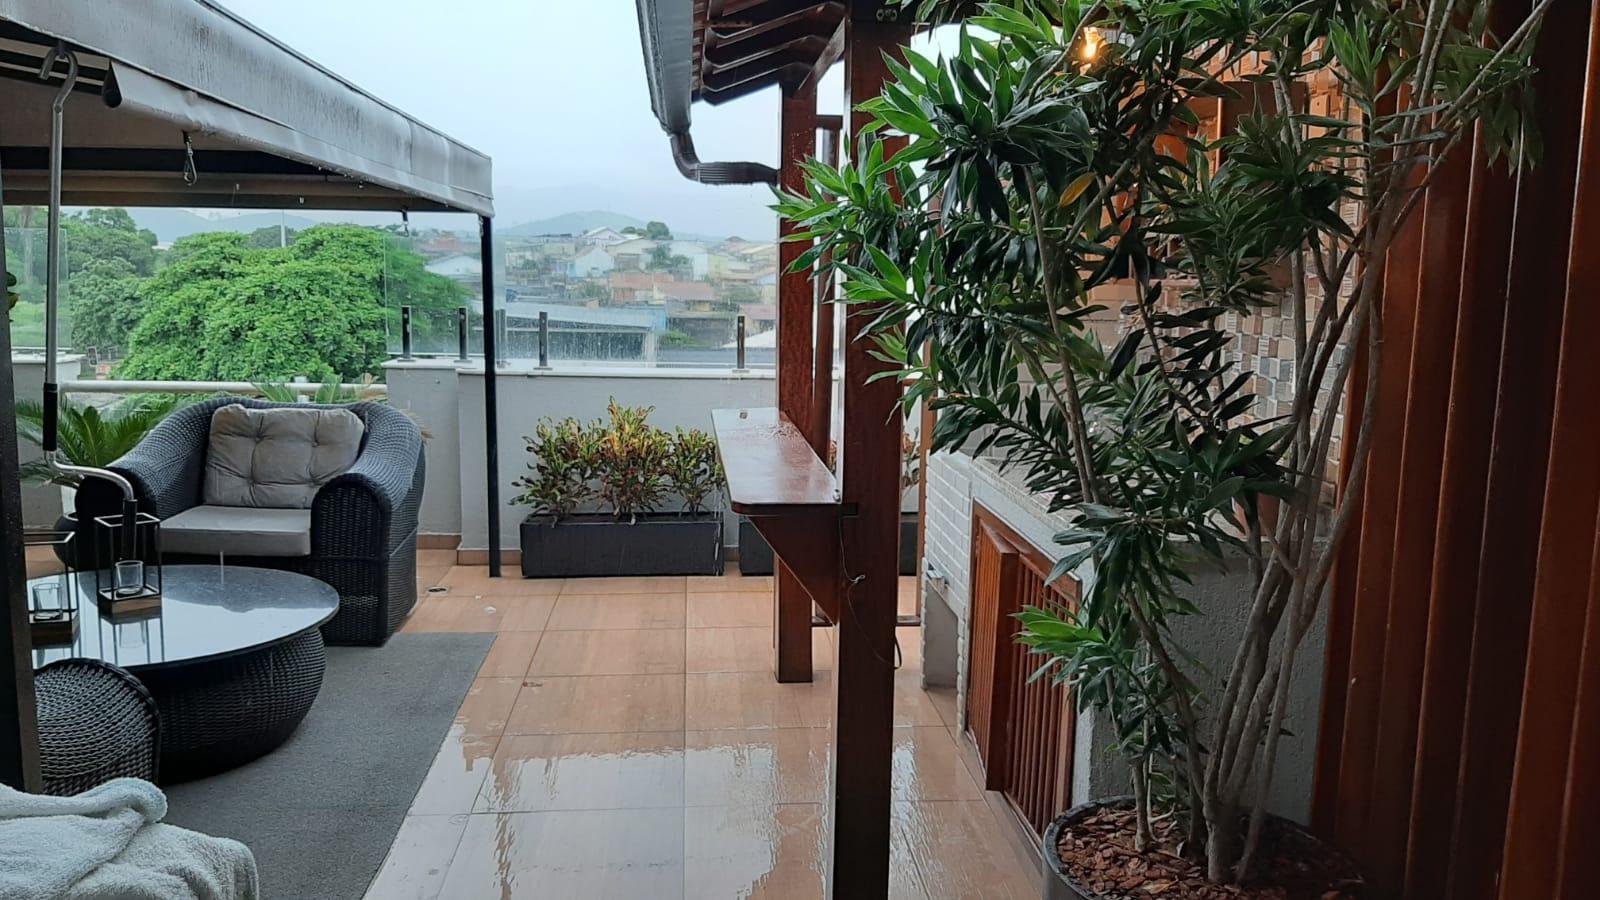 FOTO 07 - Cobertura 3 quartos à venda Rio de Janeiro,RJ - R$ 600.000 - CO00025 - 8